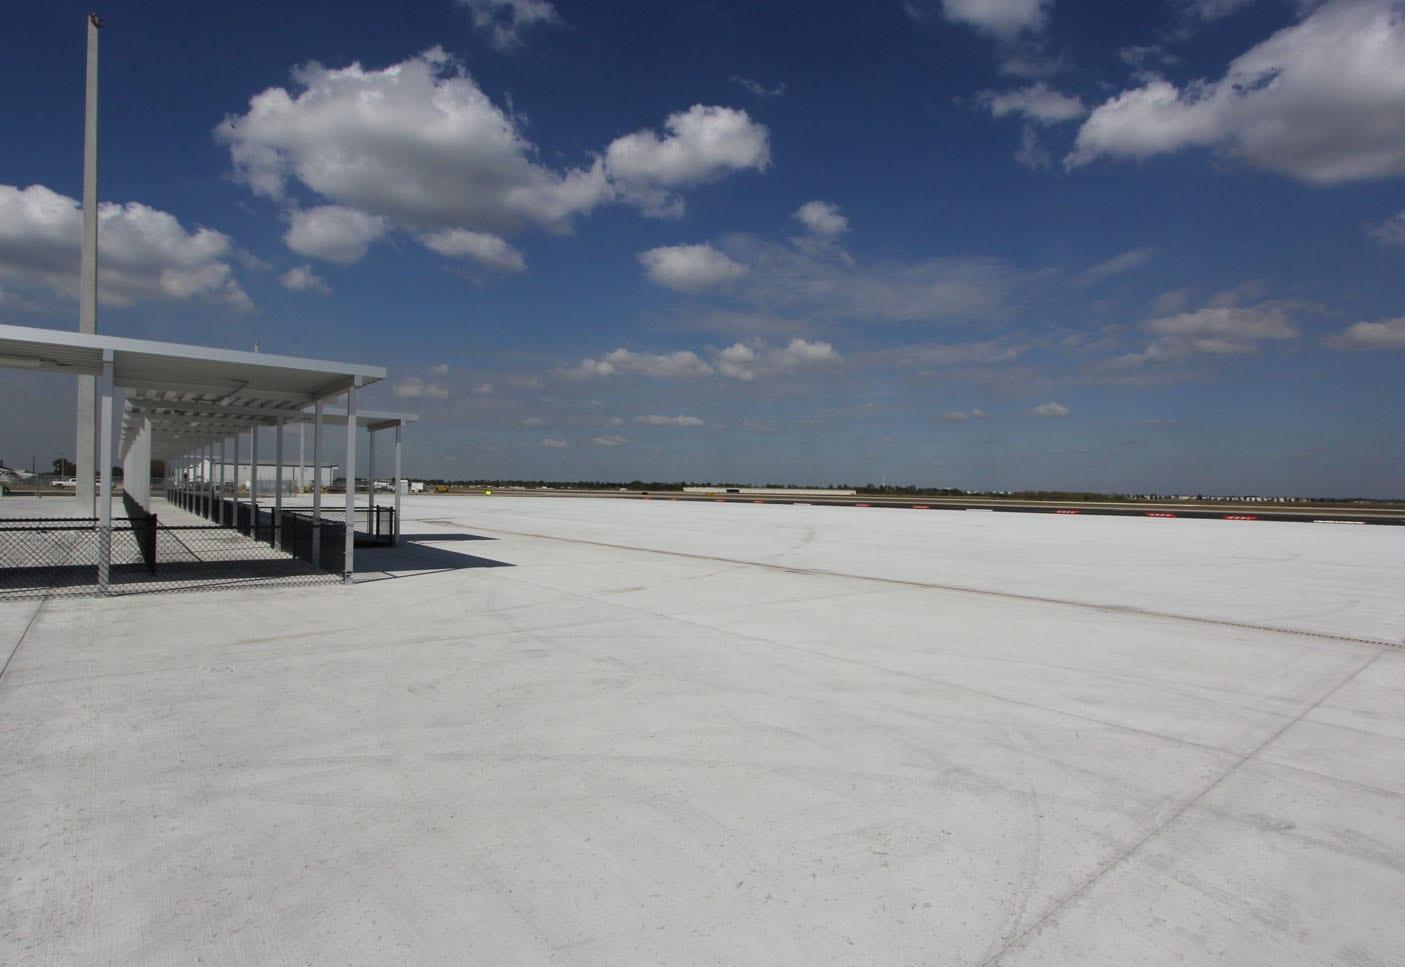 Punta_Gorda_Airport_Apron_Expansion_0002_Layer 2